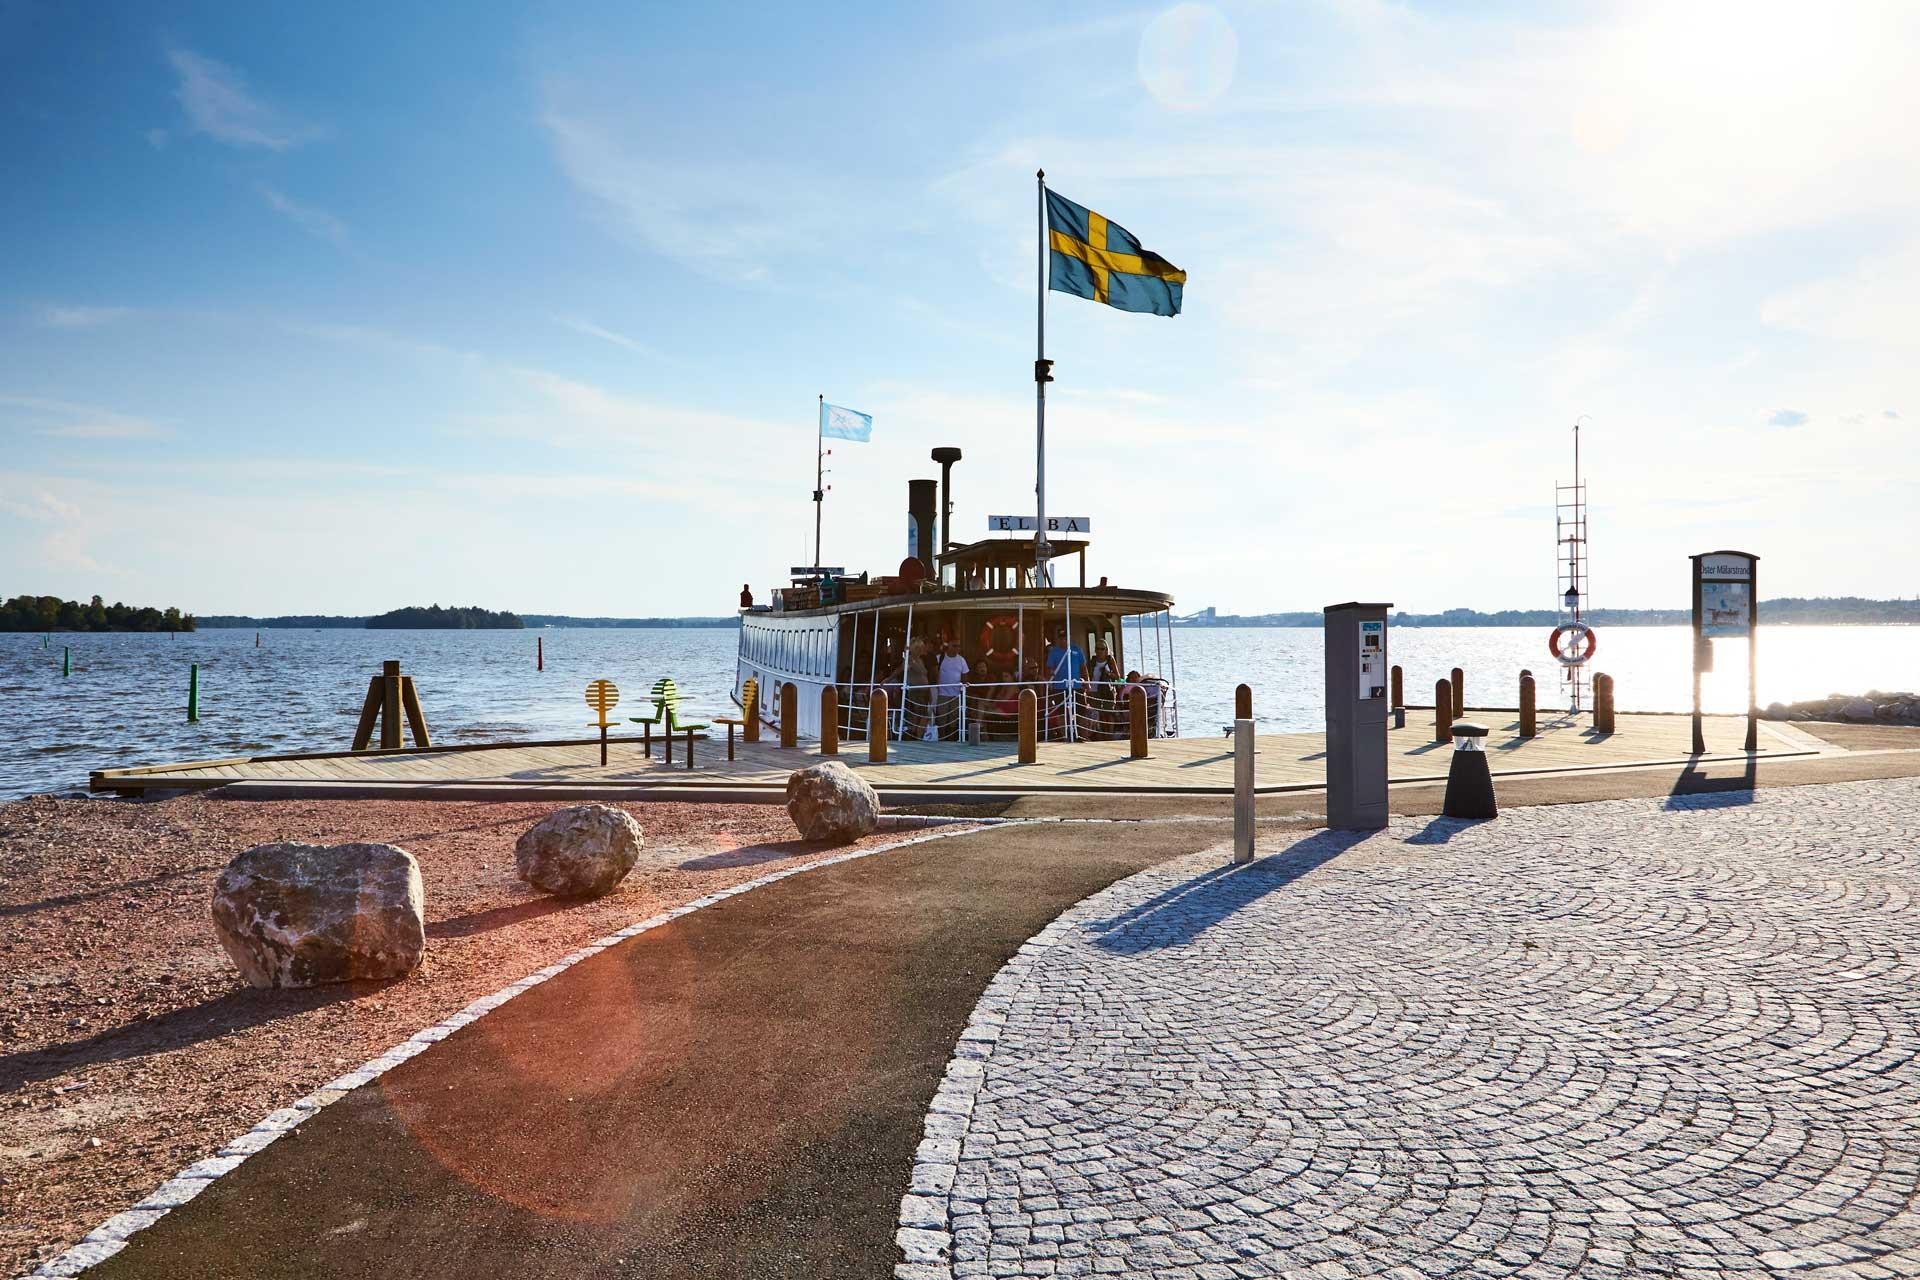 Elbabåden i Västerås. Fotograf: BildeN